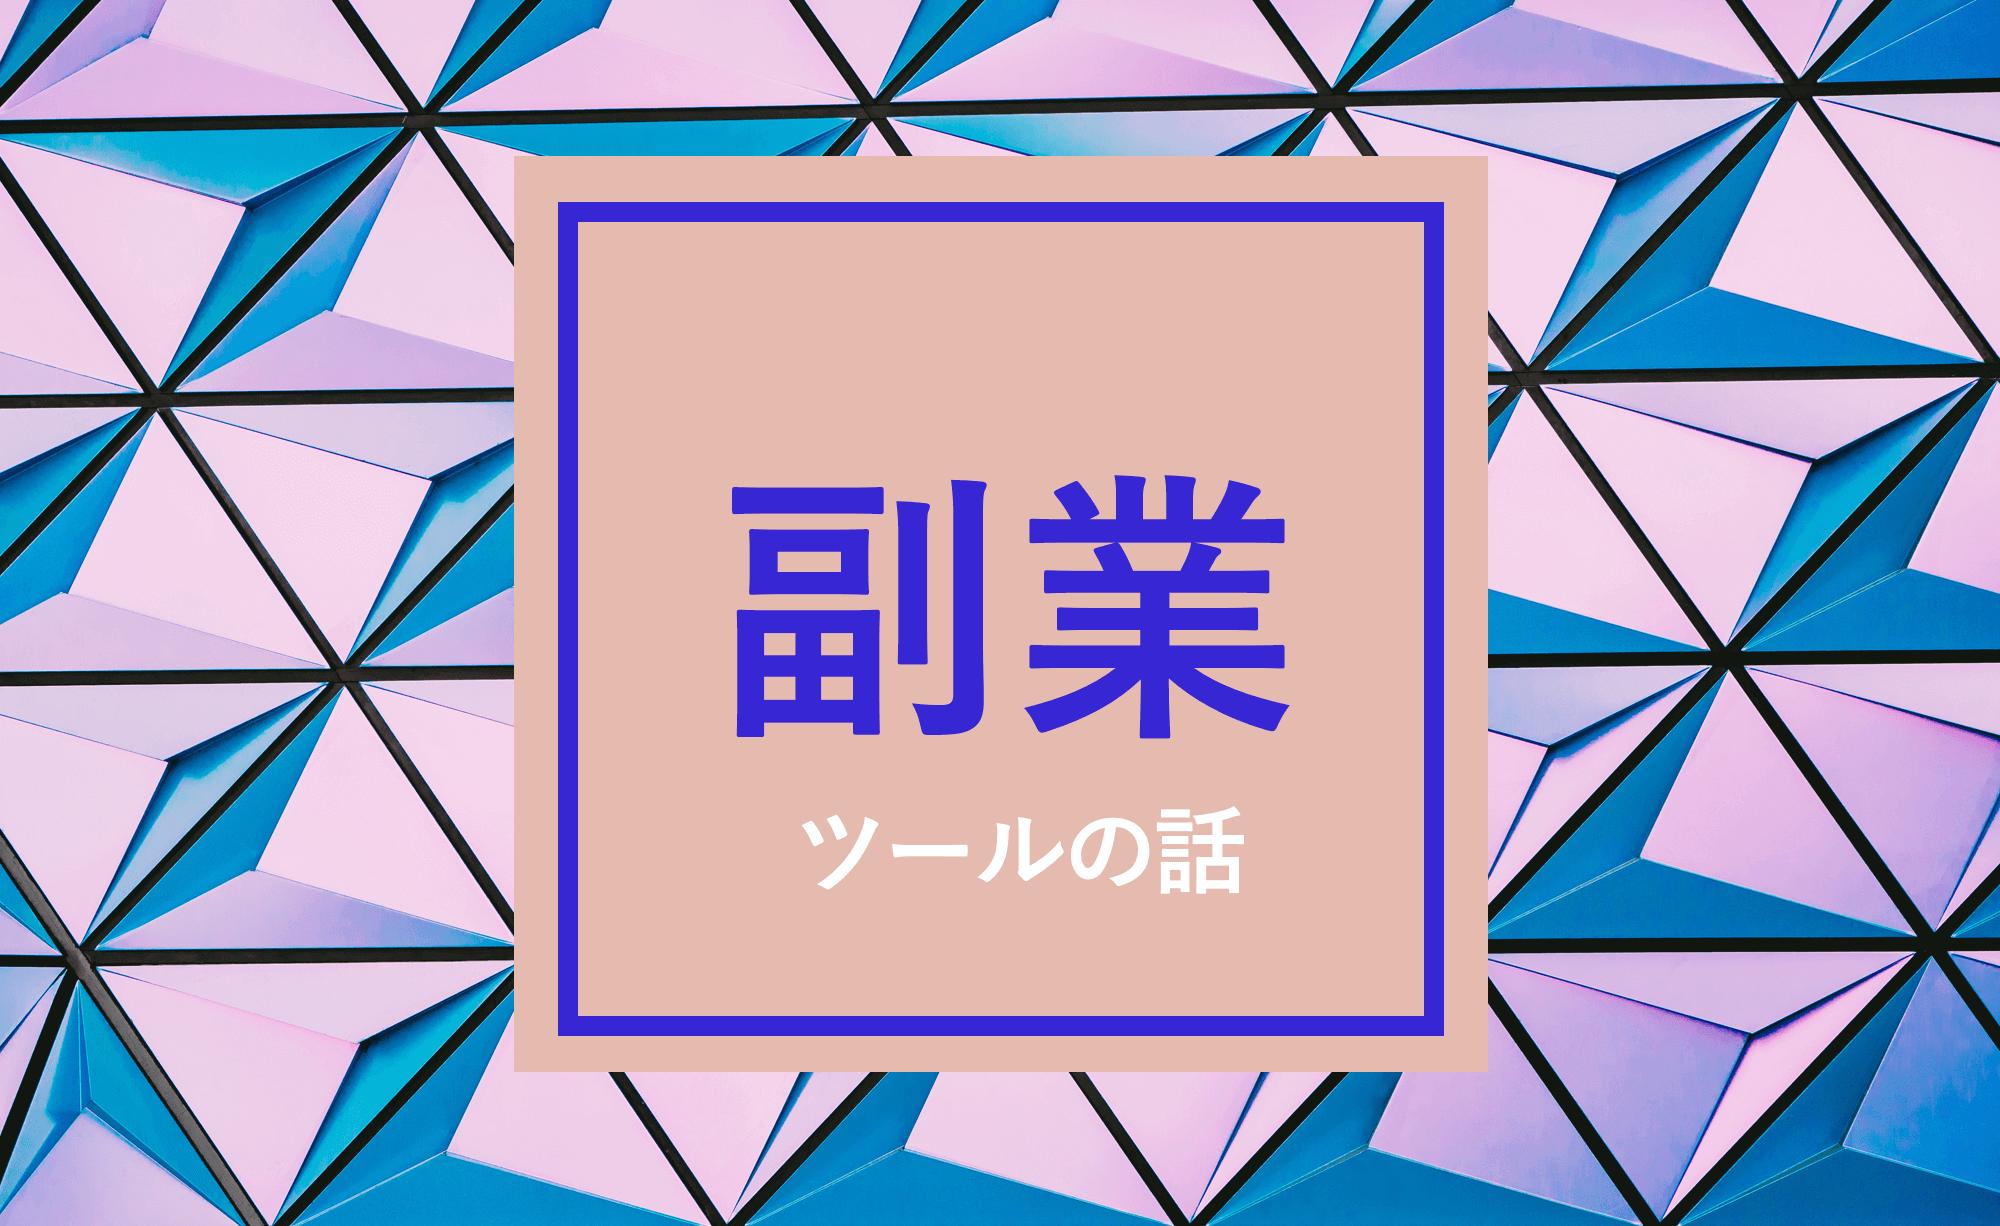 非WebデザイナーがIT系副業で3万円を稼ぐ為のツールまとめ